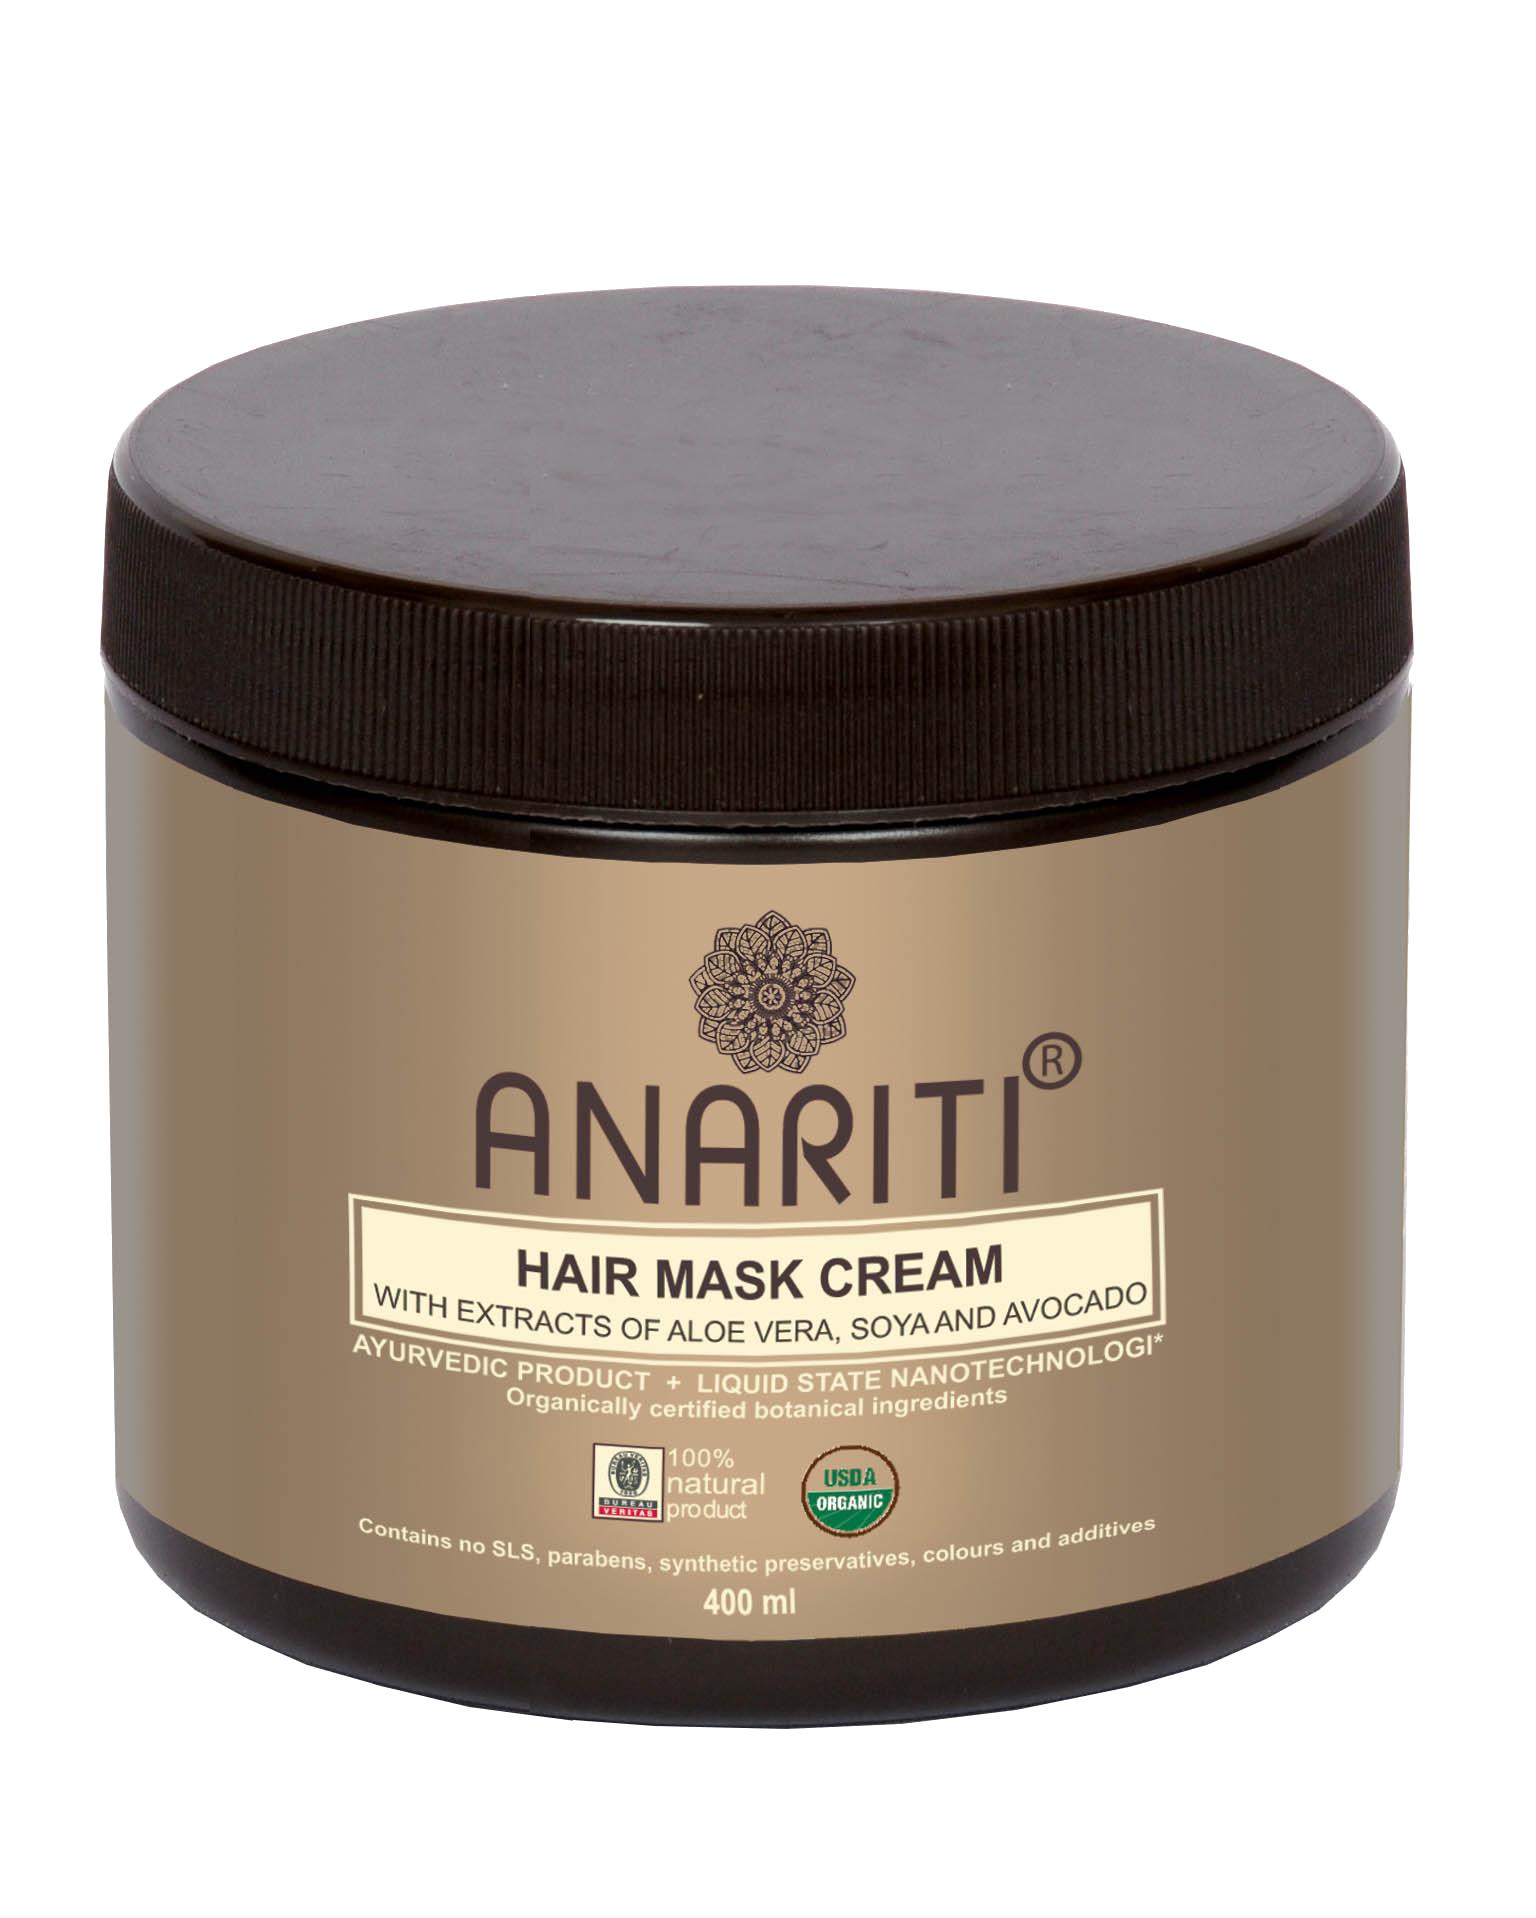 ANARITI Маска-крем для волос с экстрактами алоэ вера, сои и авокадо 400 млМаски<br>Рекомендуется для быстрого и интенсивного восстановления очень поврежденных волос, сухих и с секущимися концами. Экстракт алоэ вера нормализует водный баланс и насыщает внутренние структуры волоса минералами, витаминами и аминокислотами. Масло авокадо питает волосы и кожу головы, восстанавливает их структуру. Протеины сои проникают глубоко внутрь волос, питают, укрепляют и увлажняют их, предохраняя от негативного воздействия солнечных лучей и окружающей среды. &amp;nbsp;Аминокислоты протеинов шелка регенерируют поврежденные молекулы кератина, восстанавливая их физиологическую целостность. После применения маски поврежденные волосы приобретают плотную текстуру, гладкость, мягкий блеск и жизненную силу. Активные ингредиенты: экстракт алое вера, кокос, дериватив глицина сои, экстракт дикого шафрана (сафлора), экстракт авокадо, протеины шелка, масло зародышей пшеницы, масло жожоба, экстракт миндаля, экстракт грецкого ореха, экстракт индийского женьшеня (физалиса), вода, краситель   жожоба, отдушка   жожоба, консервант   масло чайного дерева. Способ применения:&amp;nbsp;нанести маску на чистые, влажные волосы (избыток воды на волосах промокнуть полотенцем) начиная с корней и равномерно распределить по всей длине, уделяя особое внимание поврежденным участкам. Выдержать 15-20 минут, после чего смыть большим количеством воды.<br><br>Объем: 400 мл<br>Назначение: Секущиеся кончики